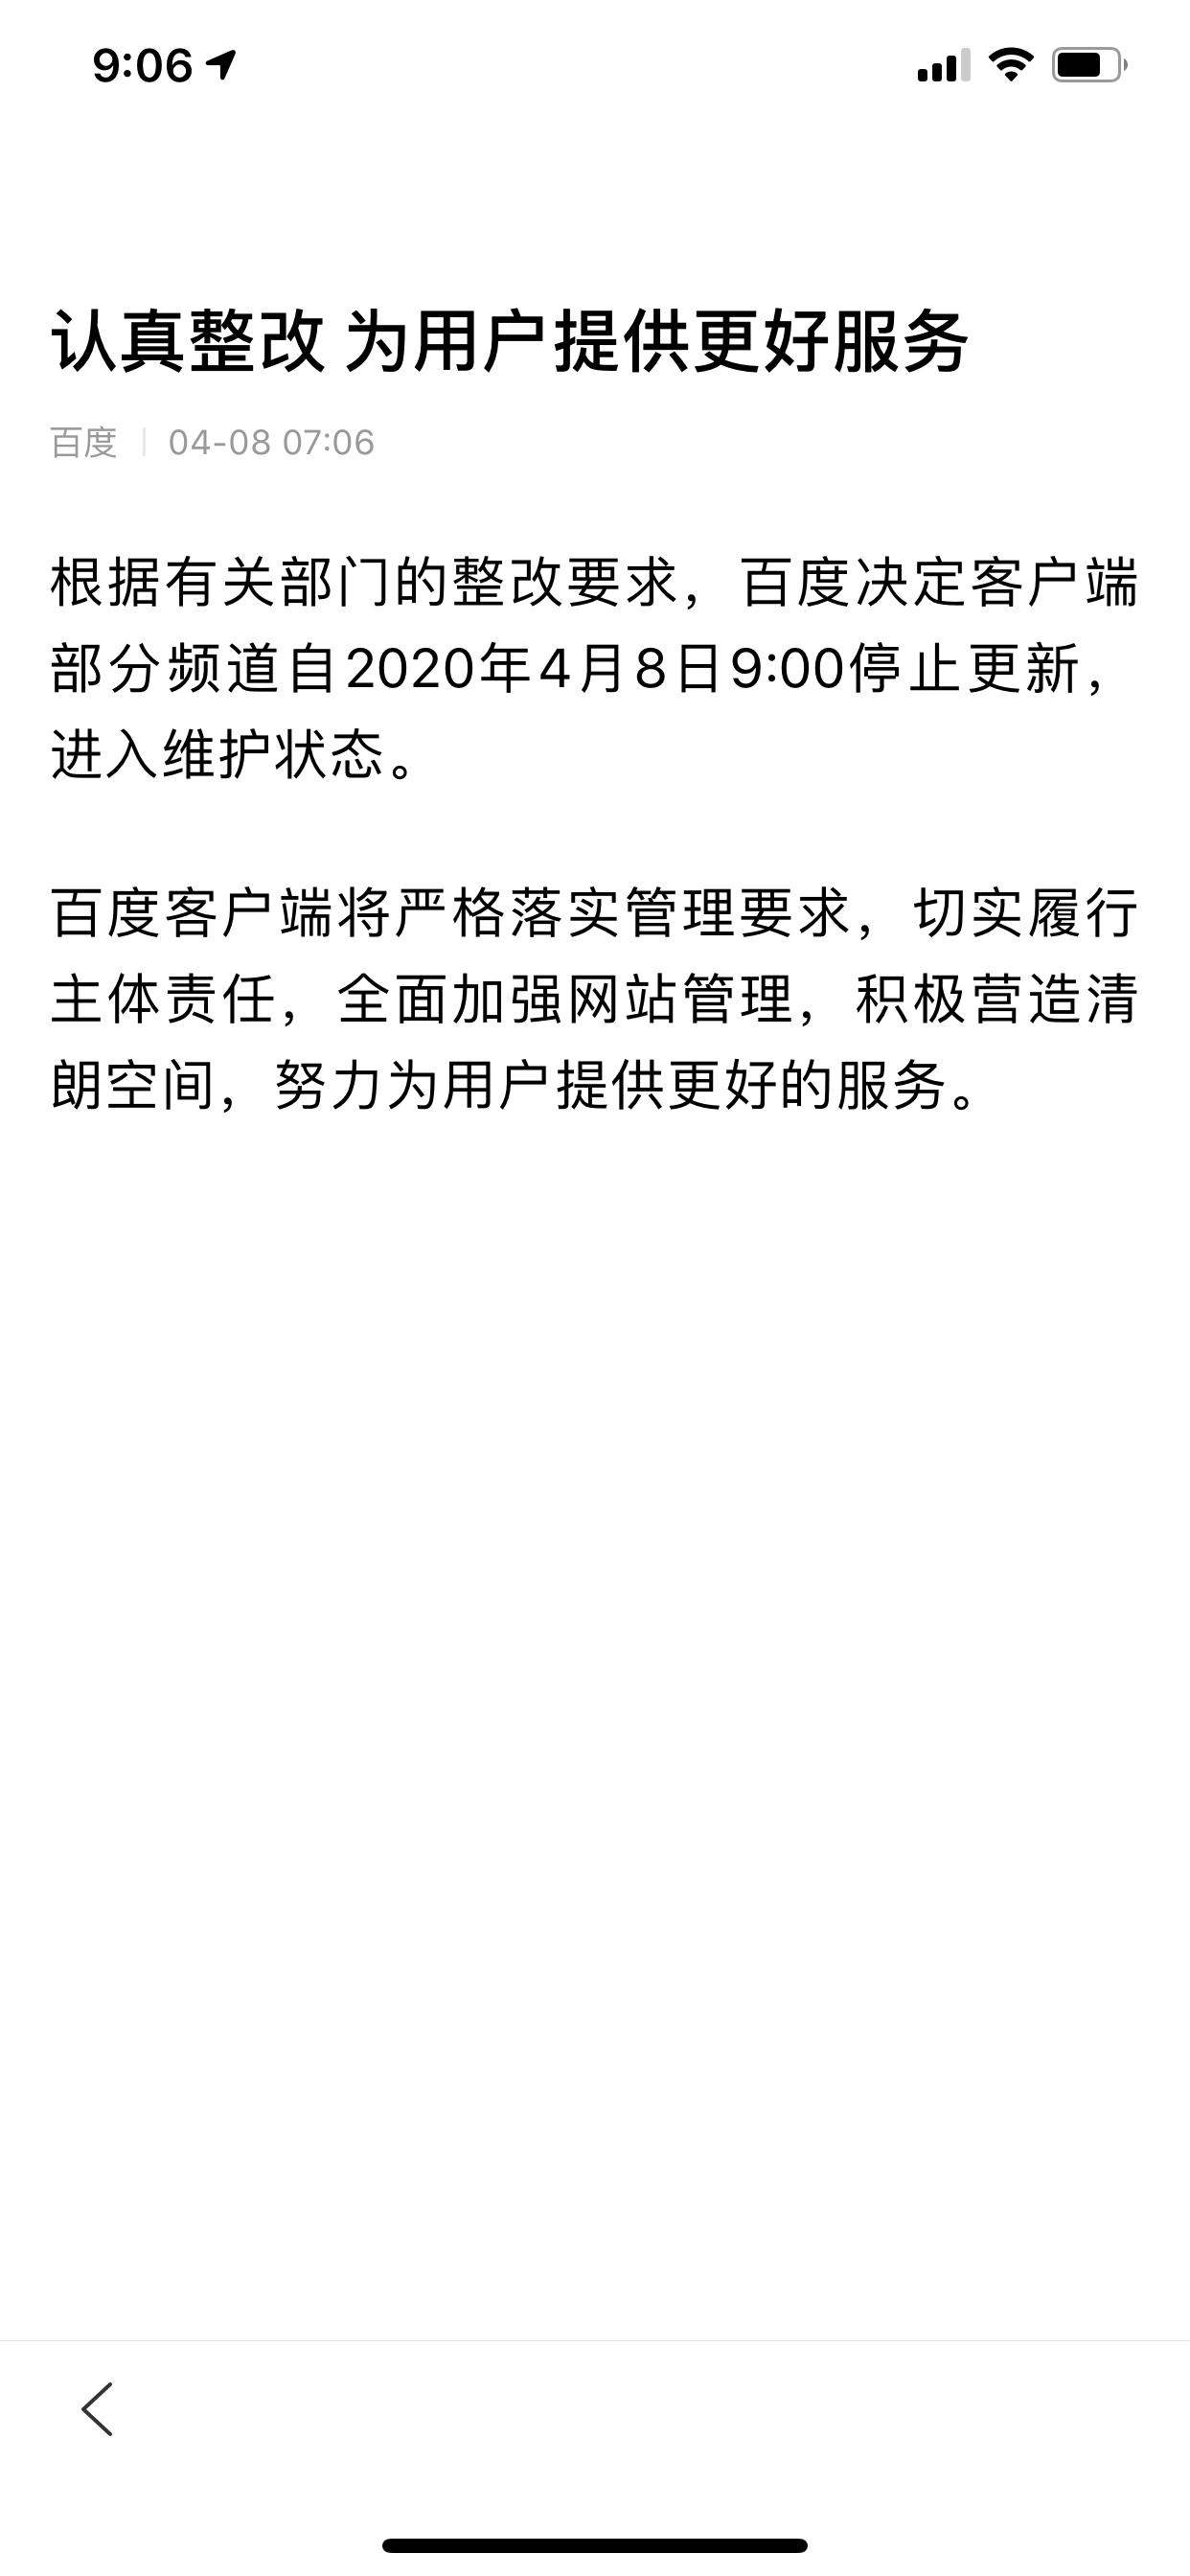 百度APP:根据有关部门整改要求 部分频道停止更新